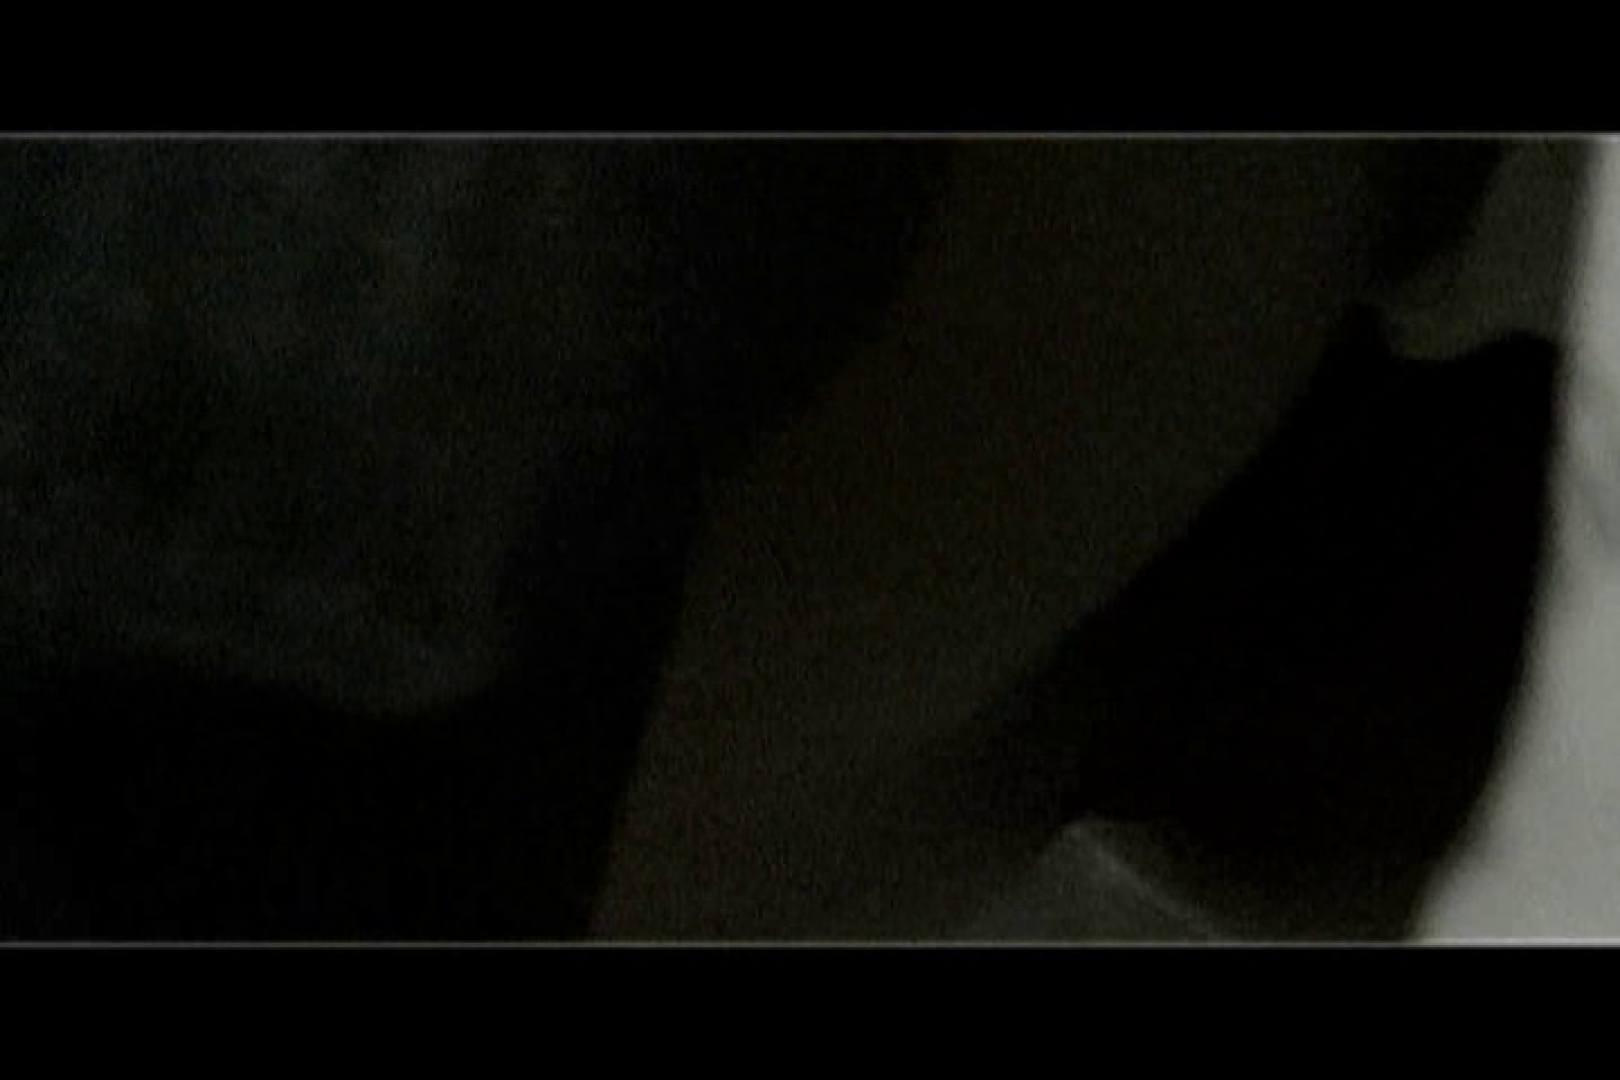 マンコ丸見え女子洗面所Vol.7 洗面所突入 戯れ無修正画像 105pic 6